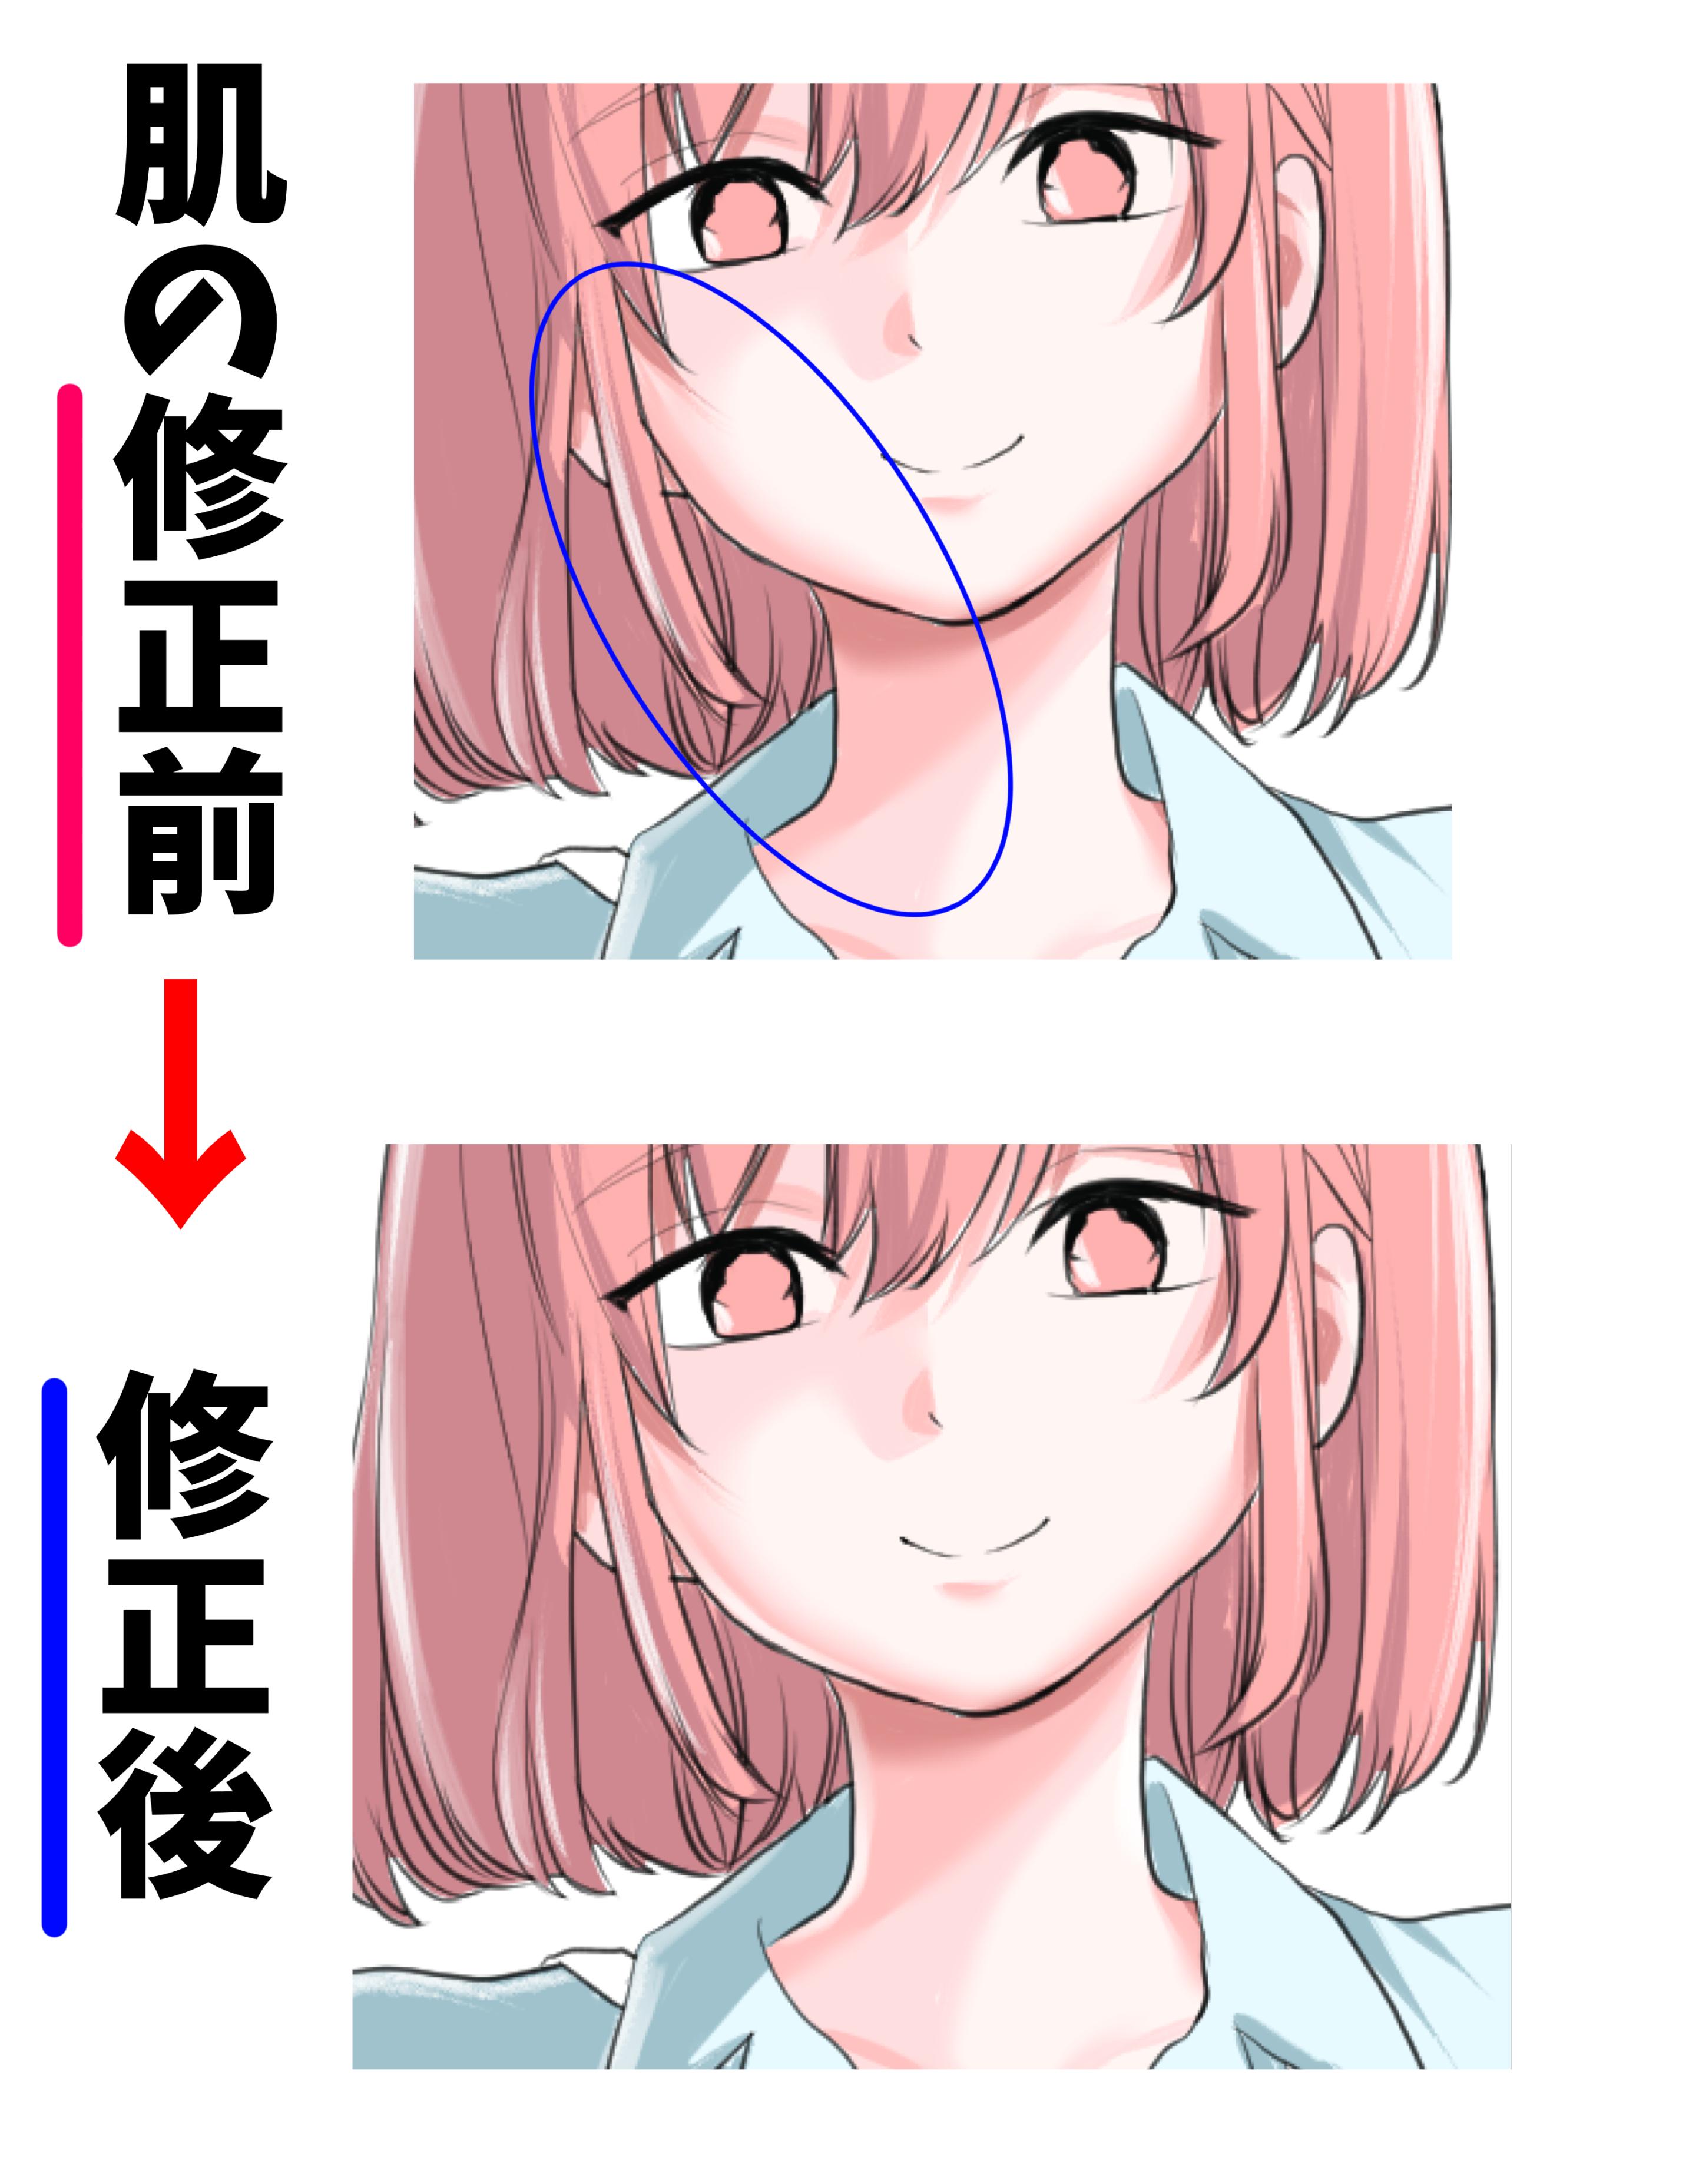 顔の模写のやり方